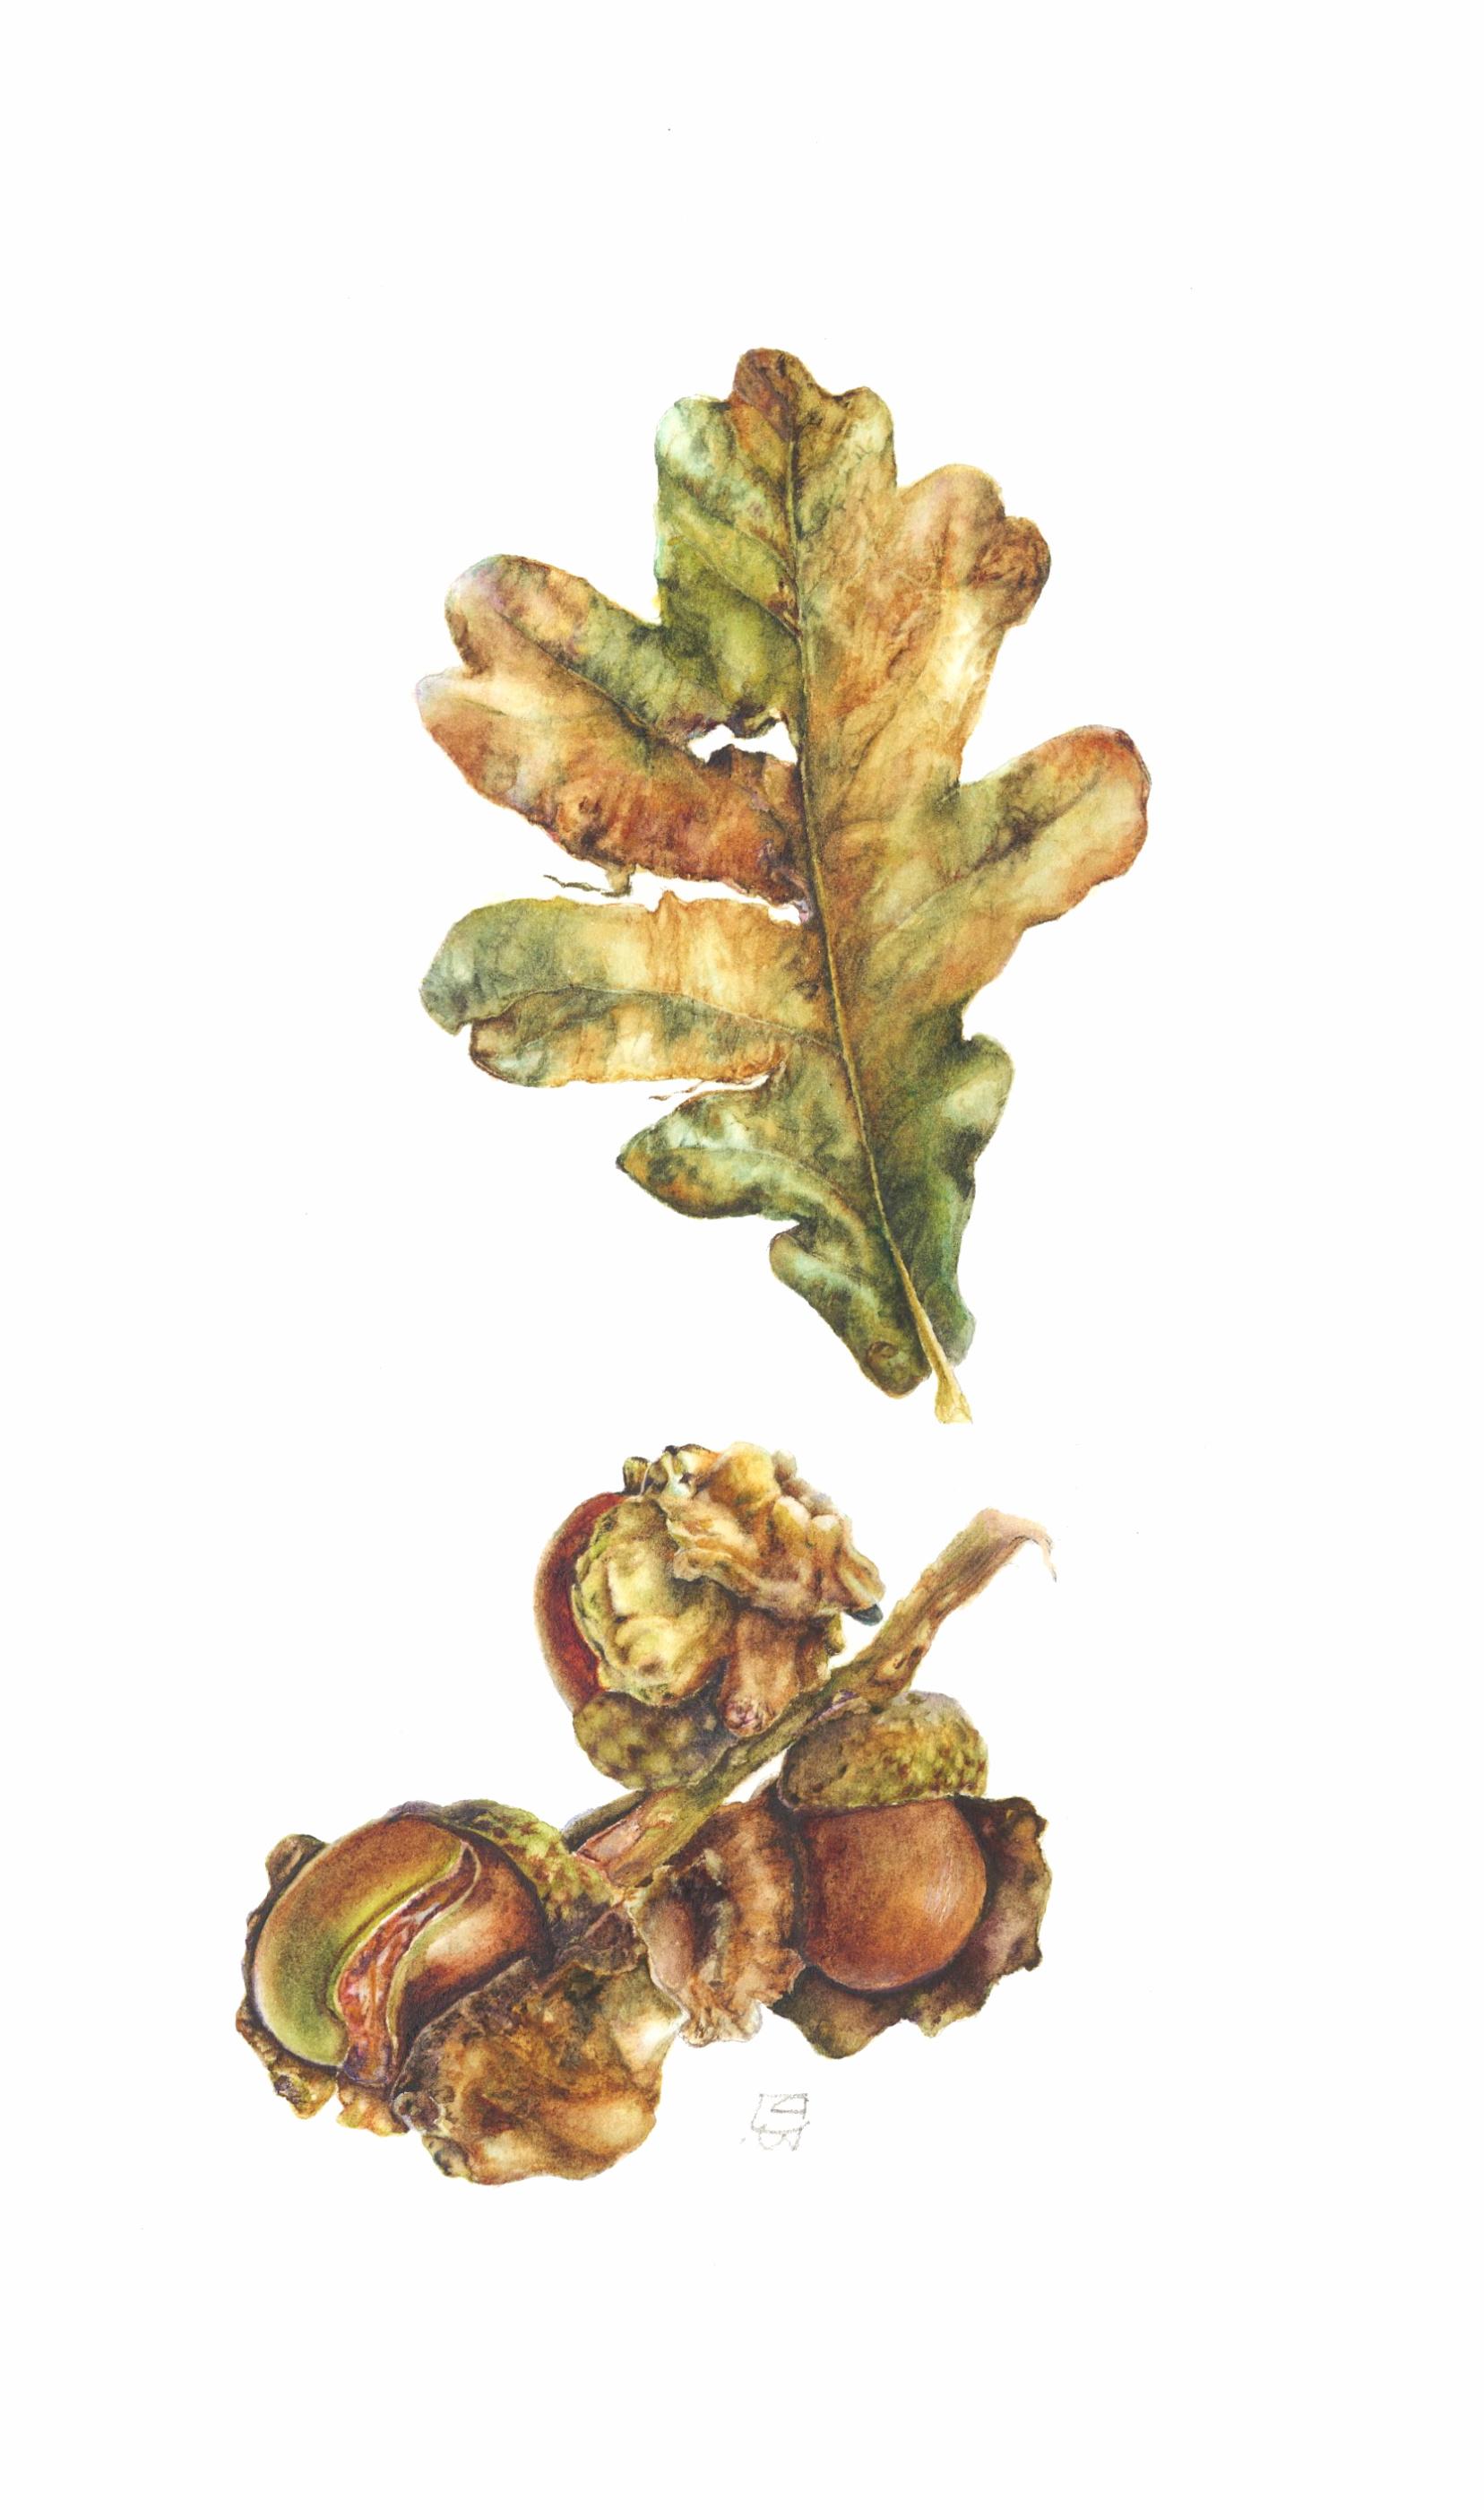 Oak Leaf and Oak Knopper Gall